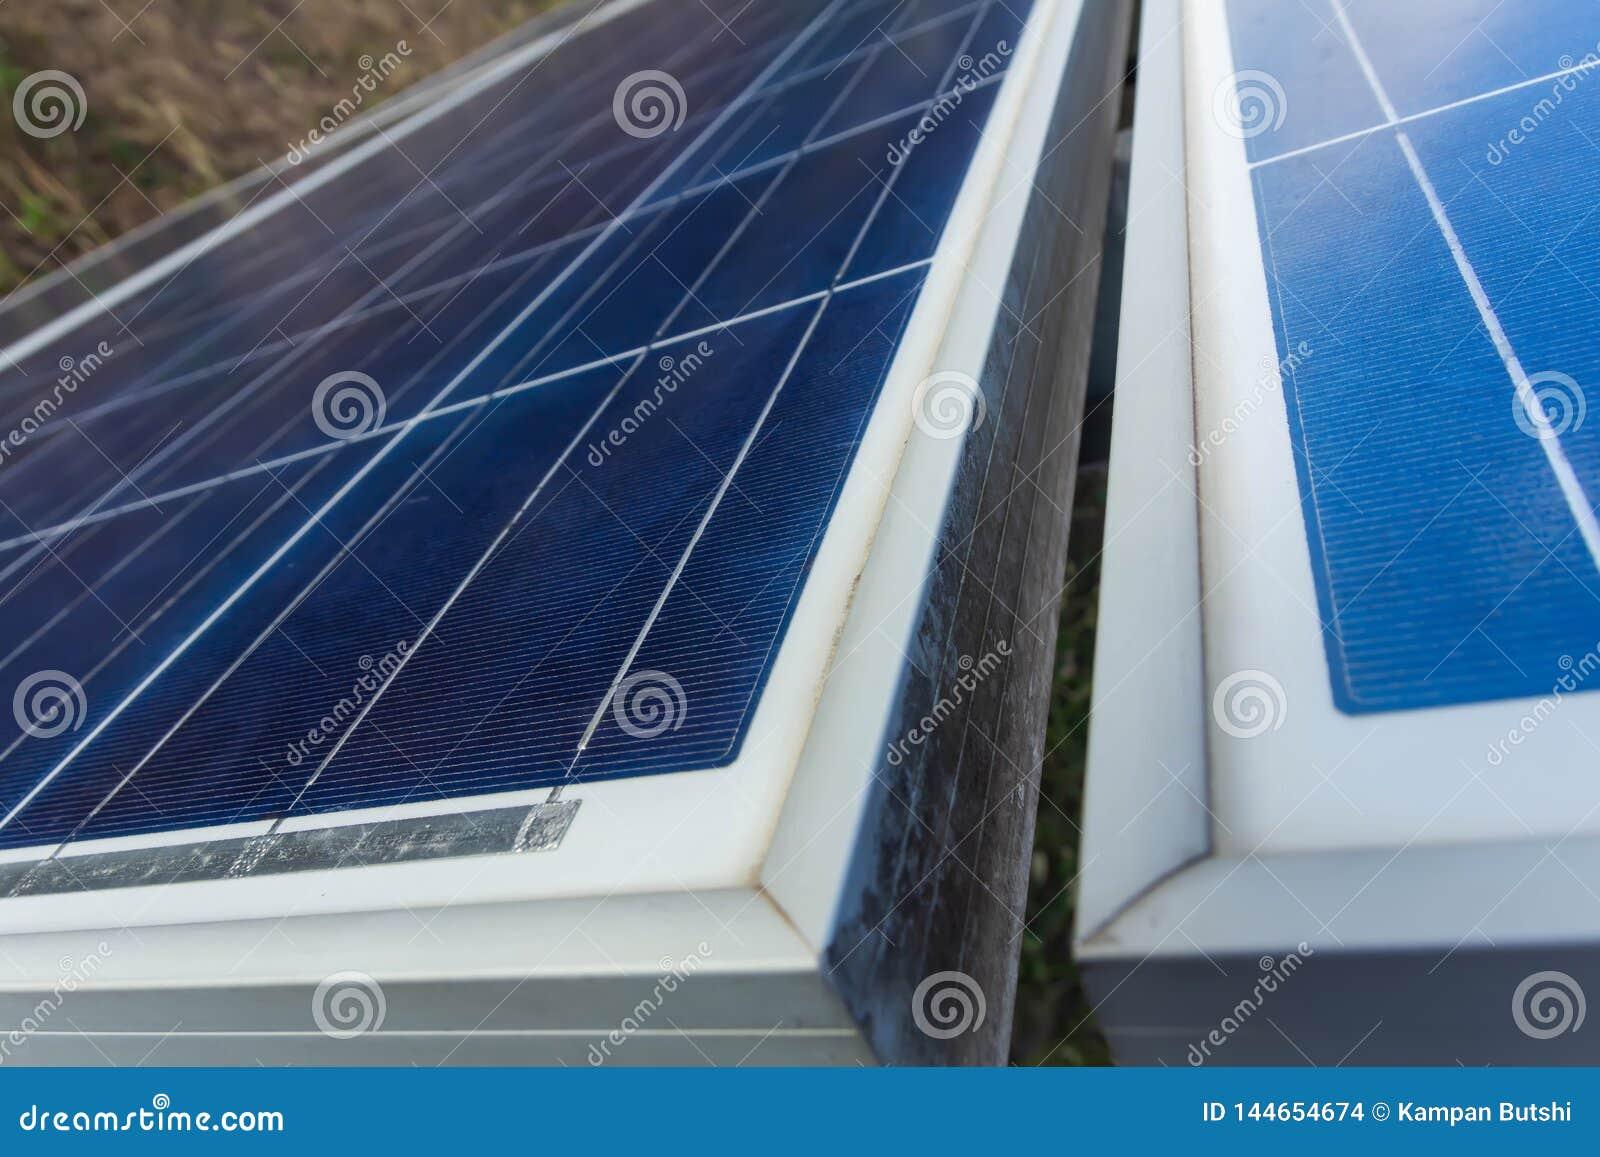 Sonnenkollektor, alternative Stromquelle - Konzept von stützbaren Betriebsmitteln und dieses ist ein neues System, das erzeugen k